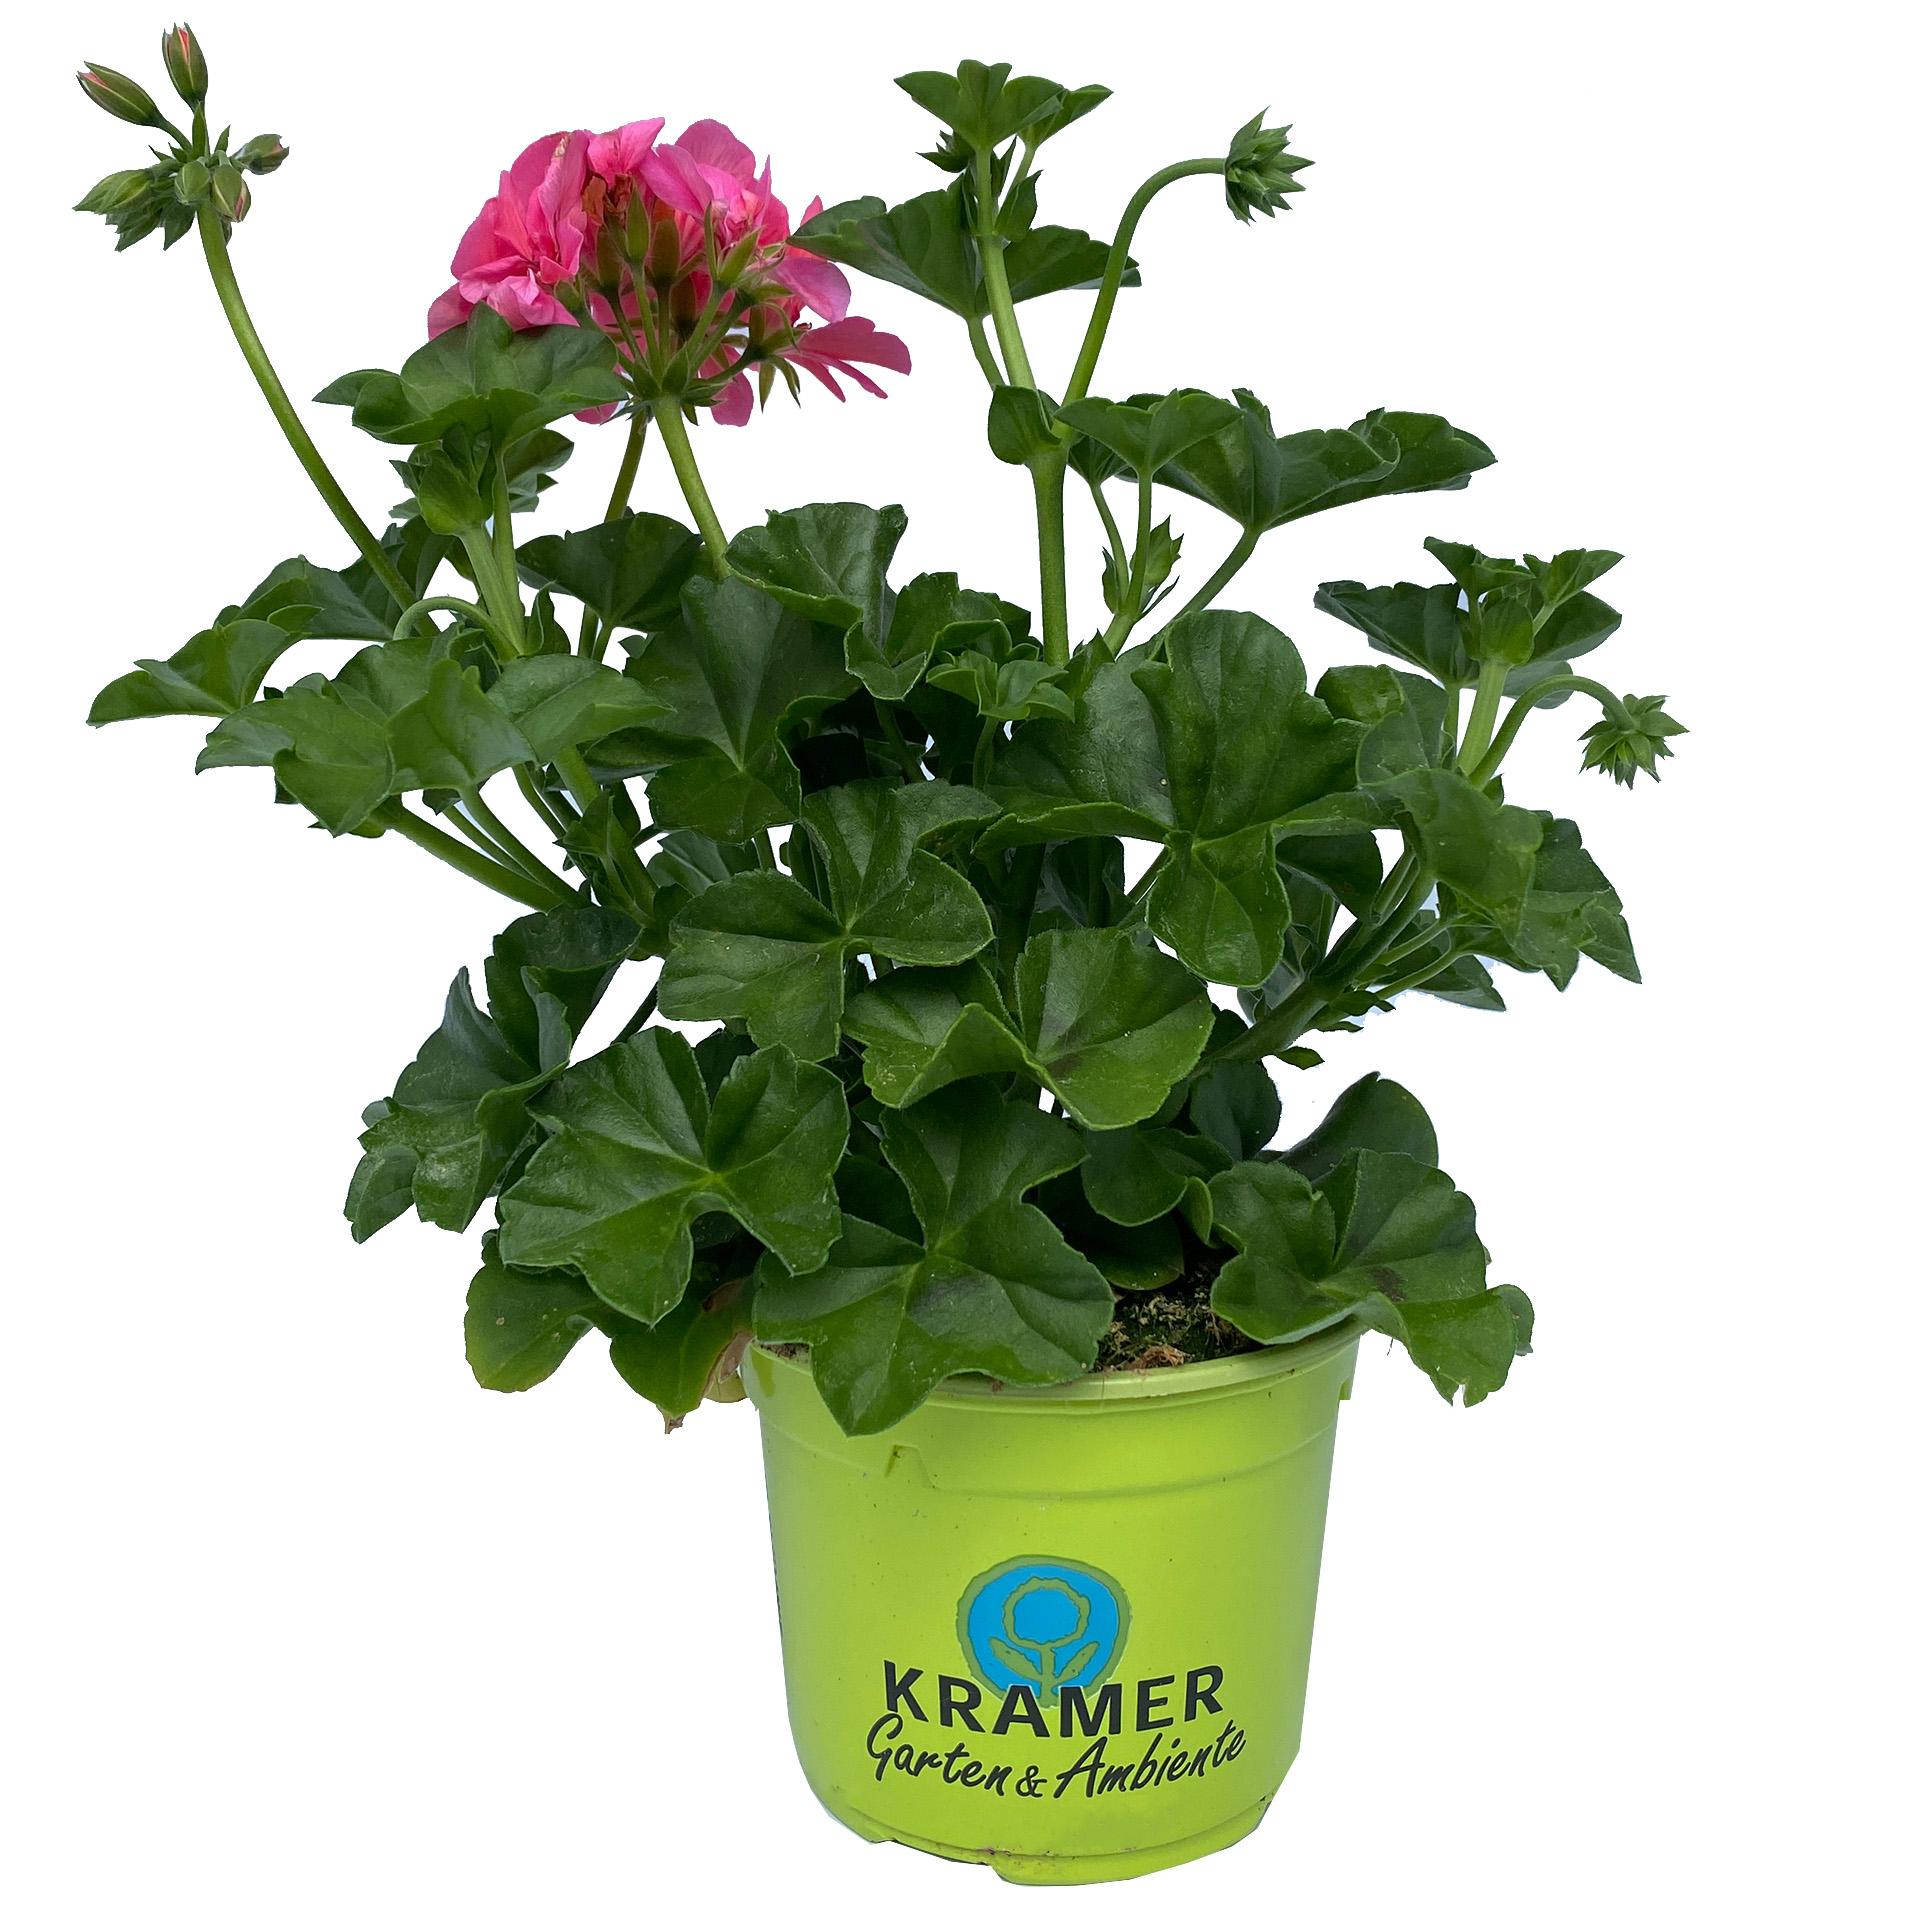 Geranie hängend - Pelargonium peltatum 'Sunflair Linda' rosa, 12cm Topf